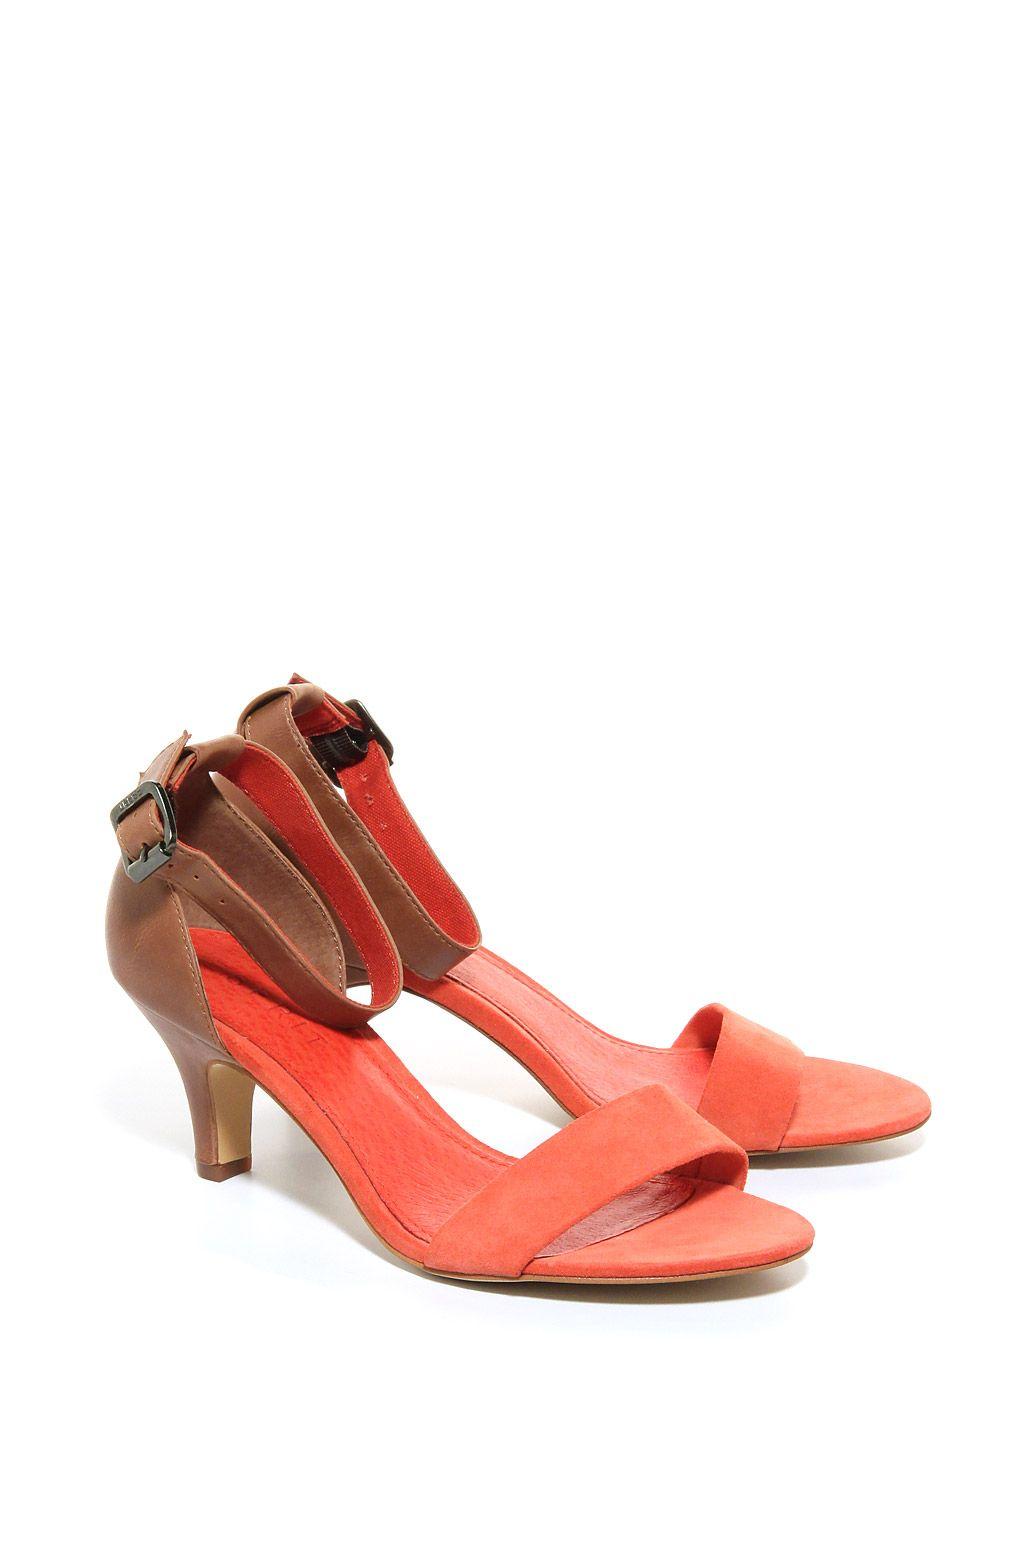 Esprit : Sandalettes bicolores à acheter sur la Boutique en ligne